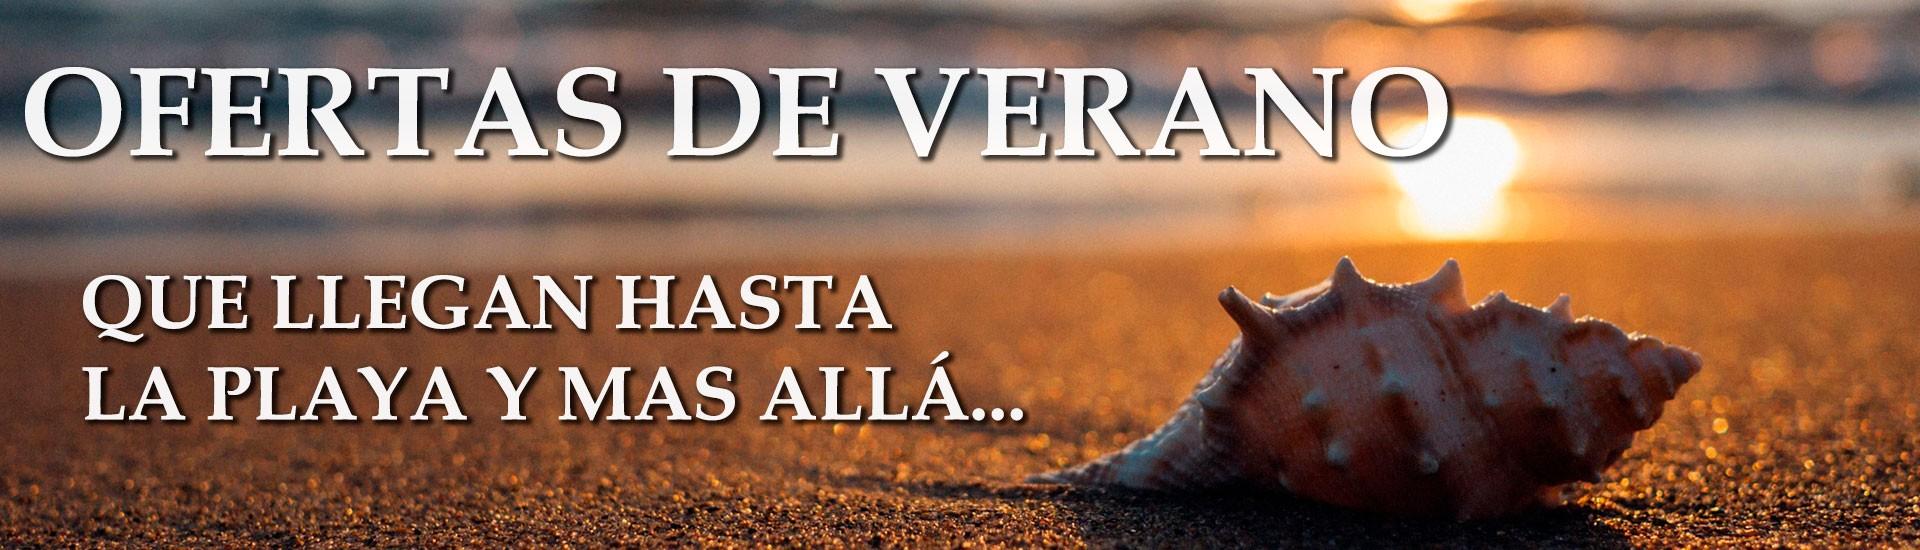 Banner Verano